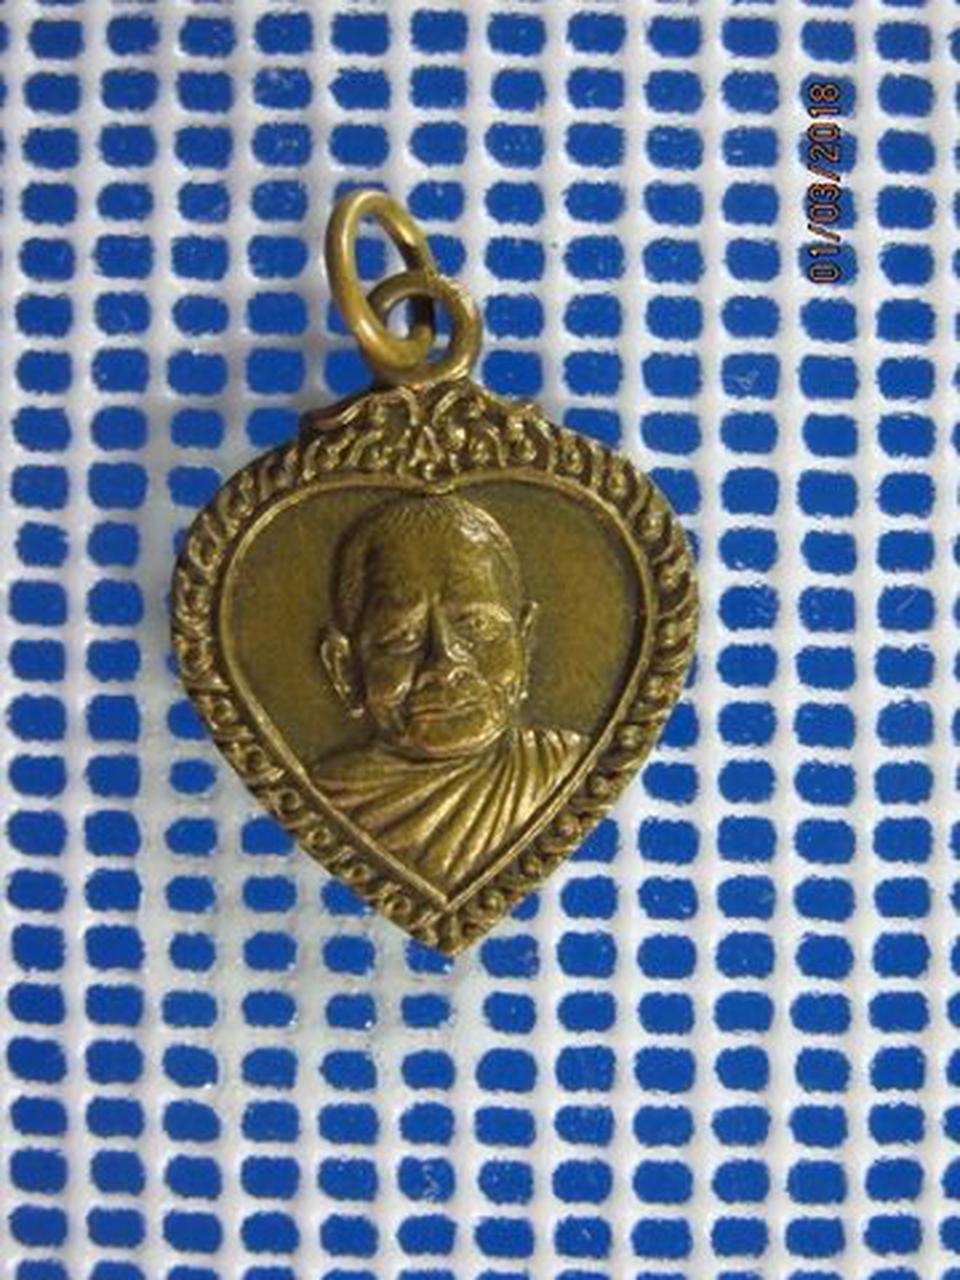 5124 เหรียญหัวใจเล็ก หลวงปู่แหวน สุจิณโณ วัดดอยแม่ปั๋ง จ.เชี รูปที่ 2